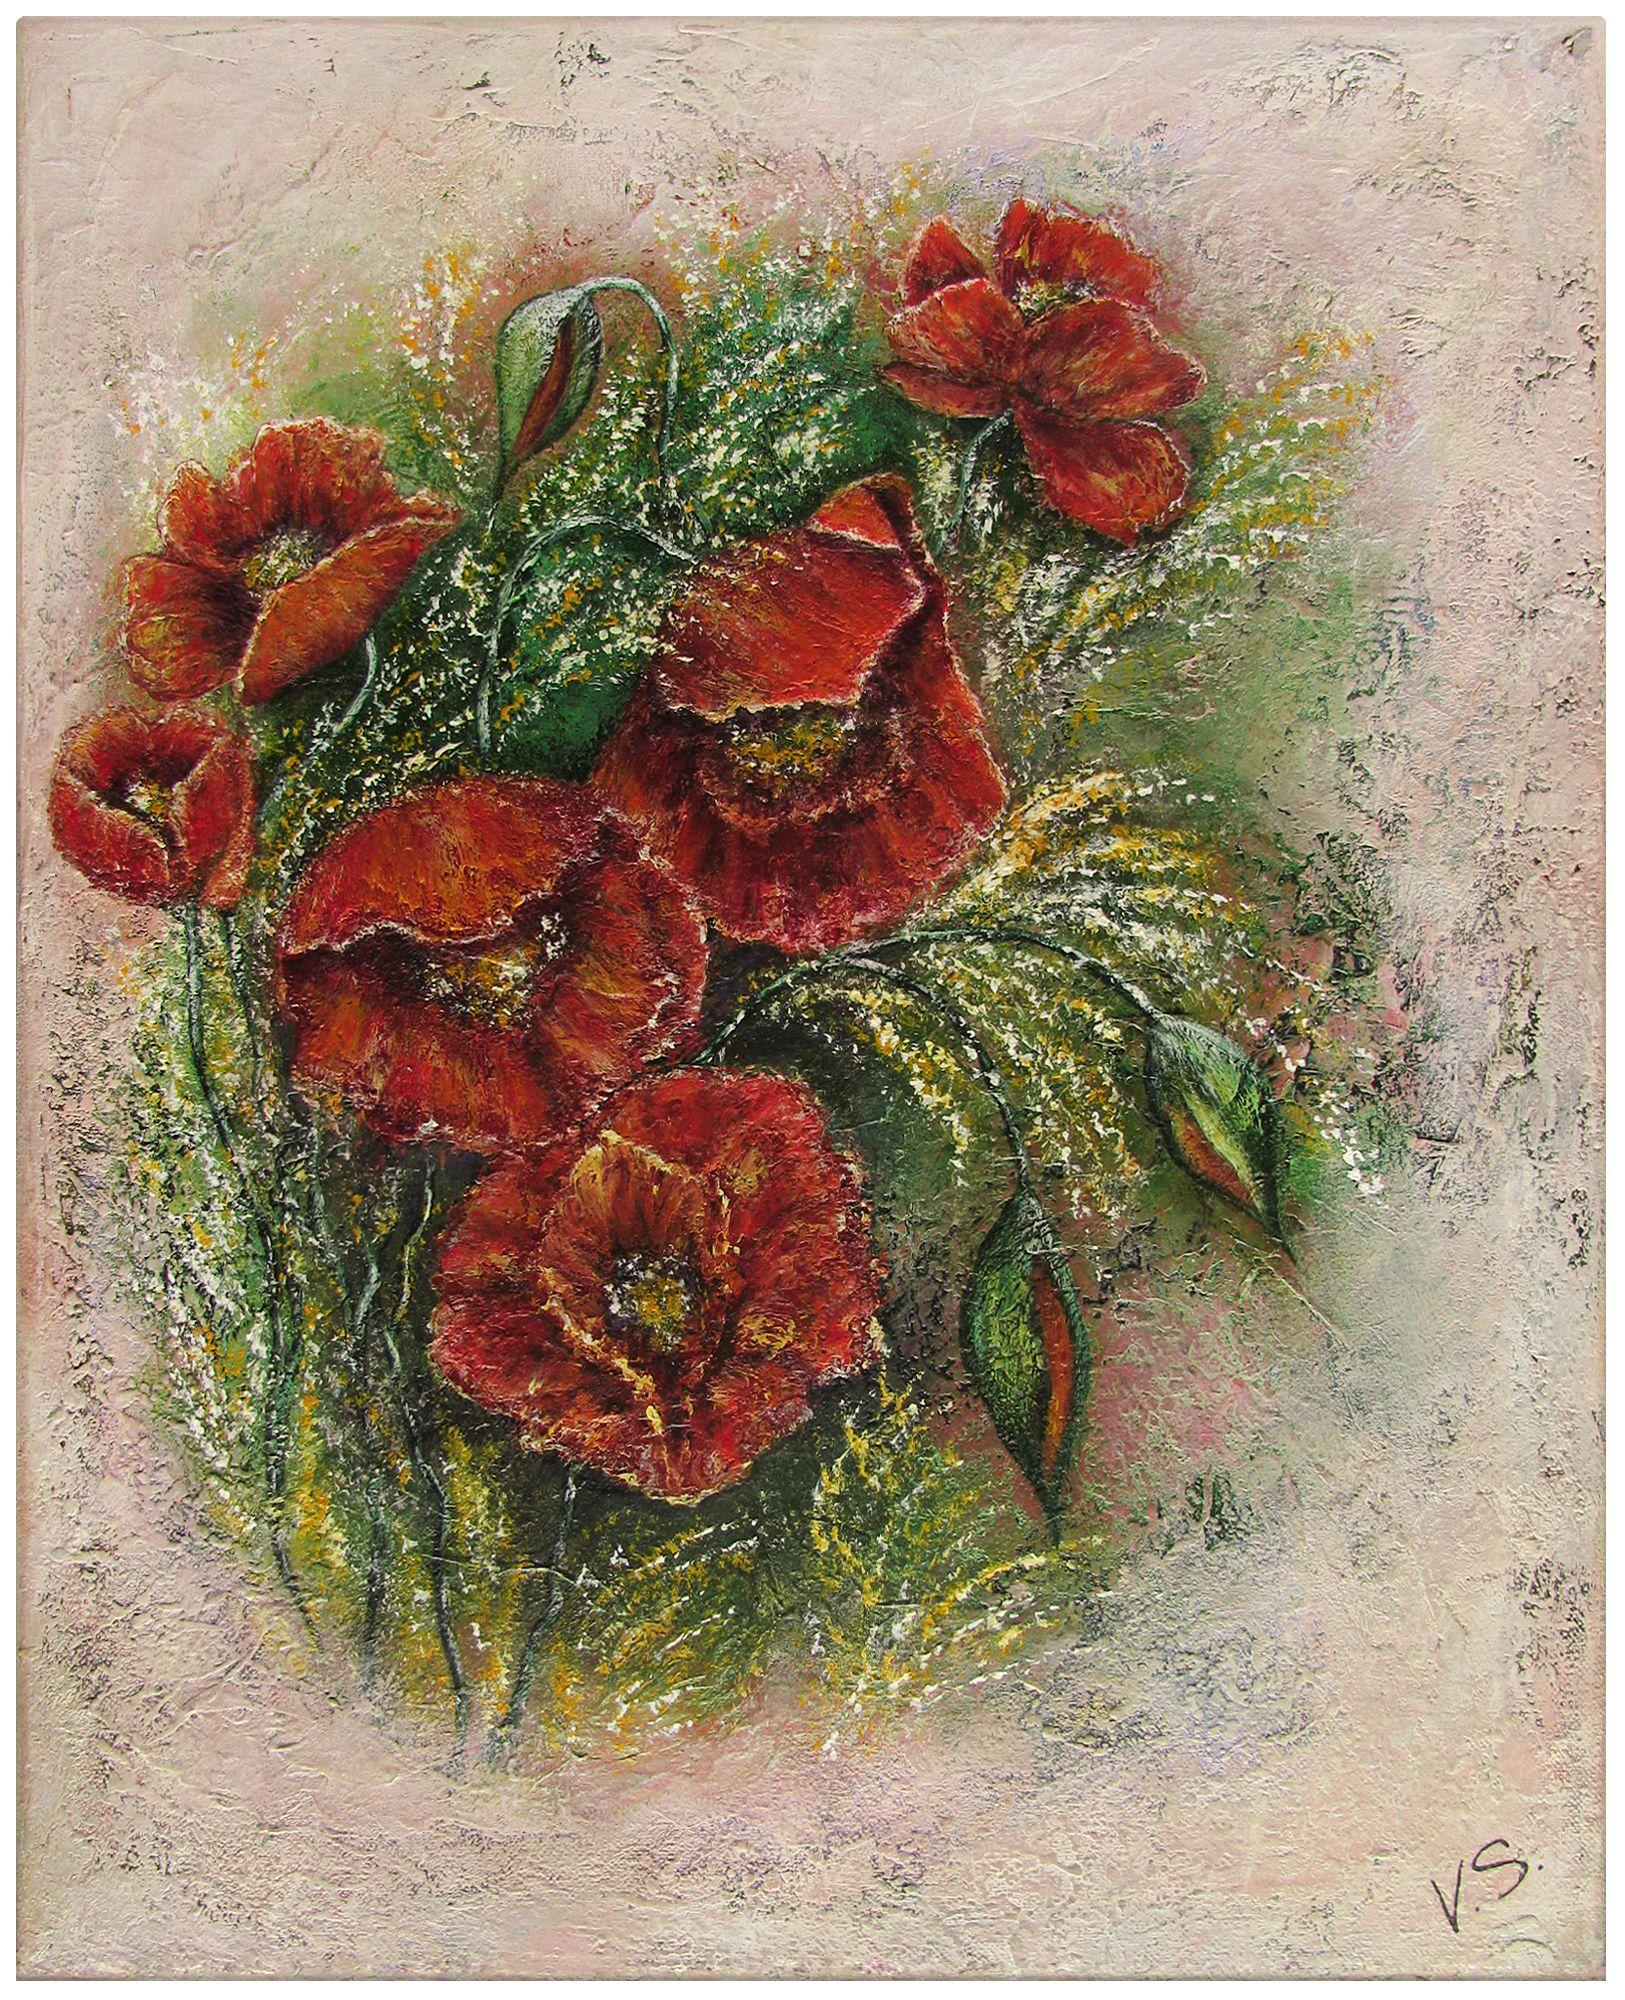 Acrylgemälde mit Strohpapier auf Leinwand, abstrakt, 40x50 cm. Das Bild ist ein handgefertigtes Unikat. Die Seiten der Leinwand sind farblich angepasst, so dass das Bild auch ohne extra Rahmung aufgehängen werden kann. Zum Schutz ist das Acrylbild mit einem Schlussfirnis versehen.